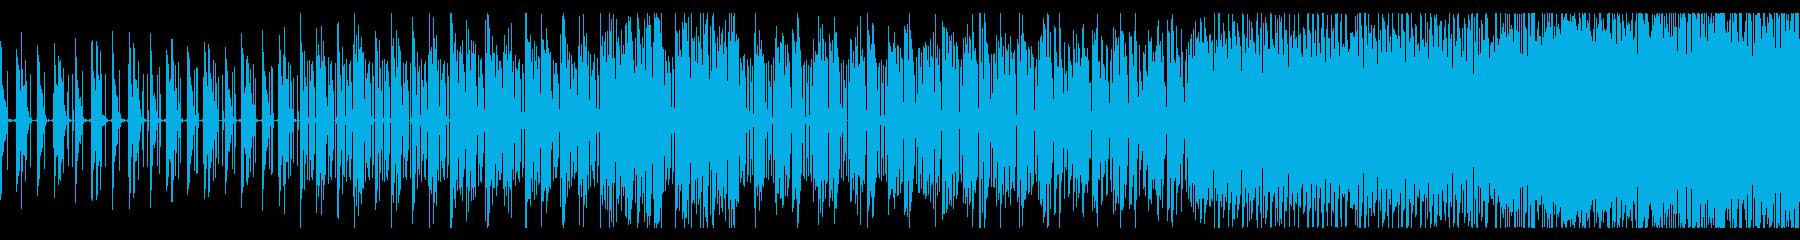 無機質でシンプルなテクノBGMの再生済みの波形